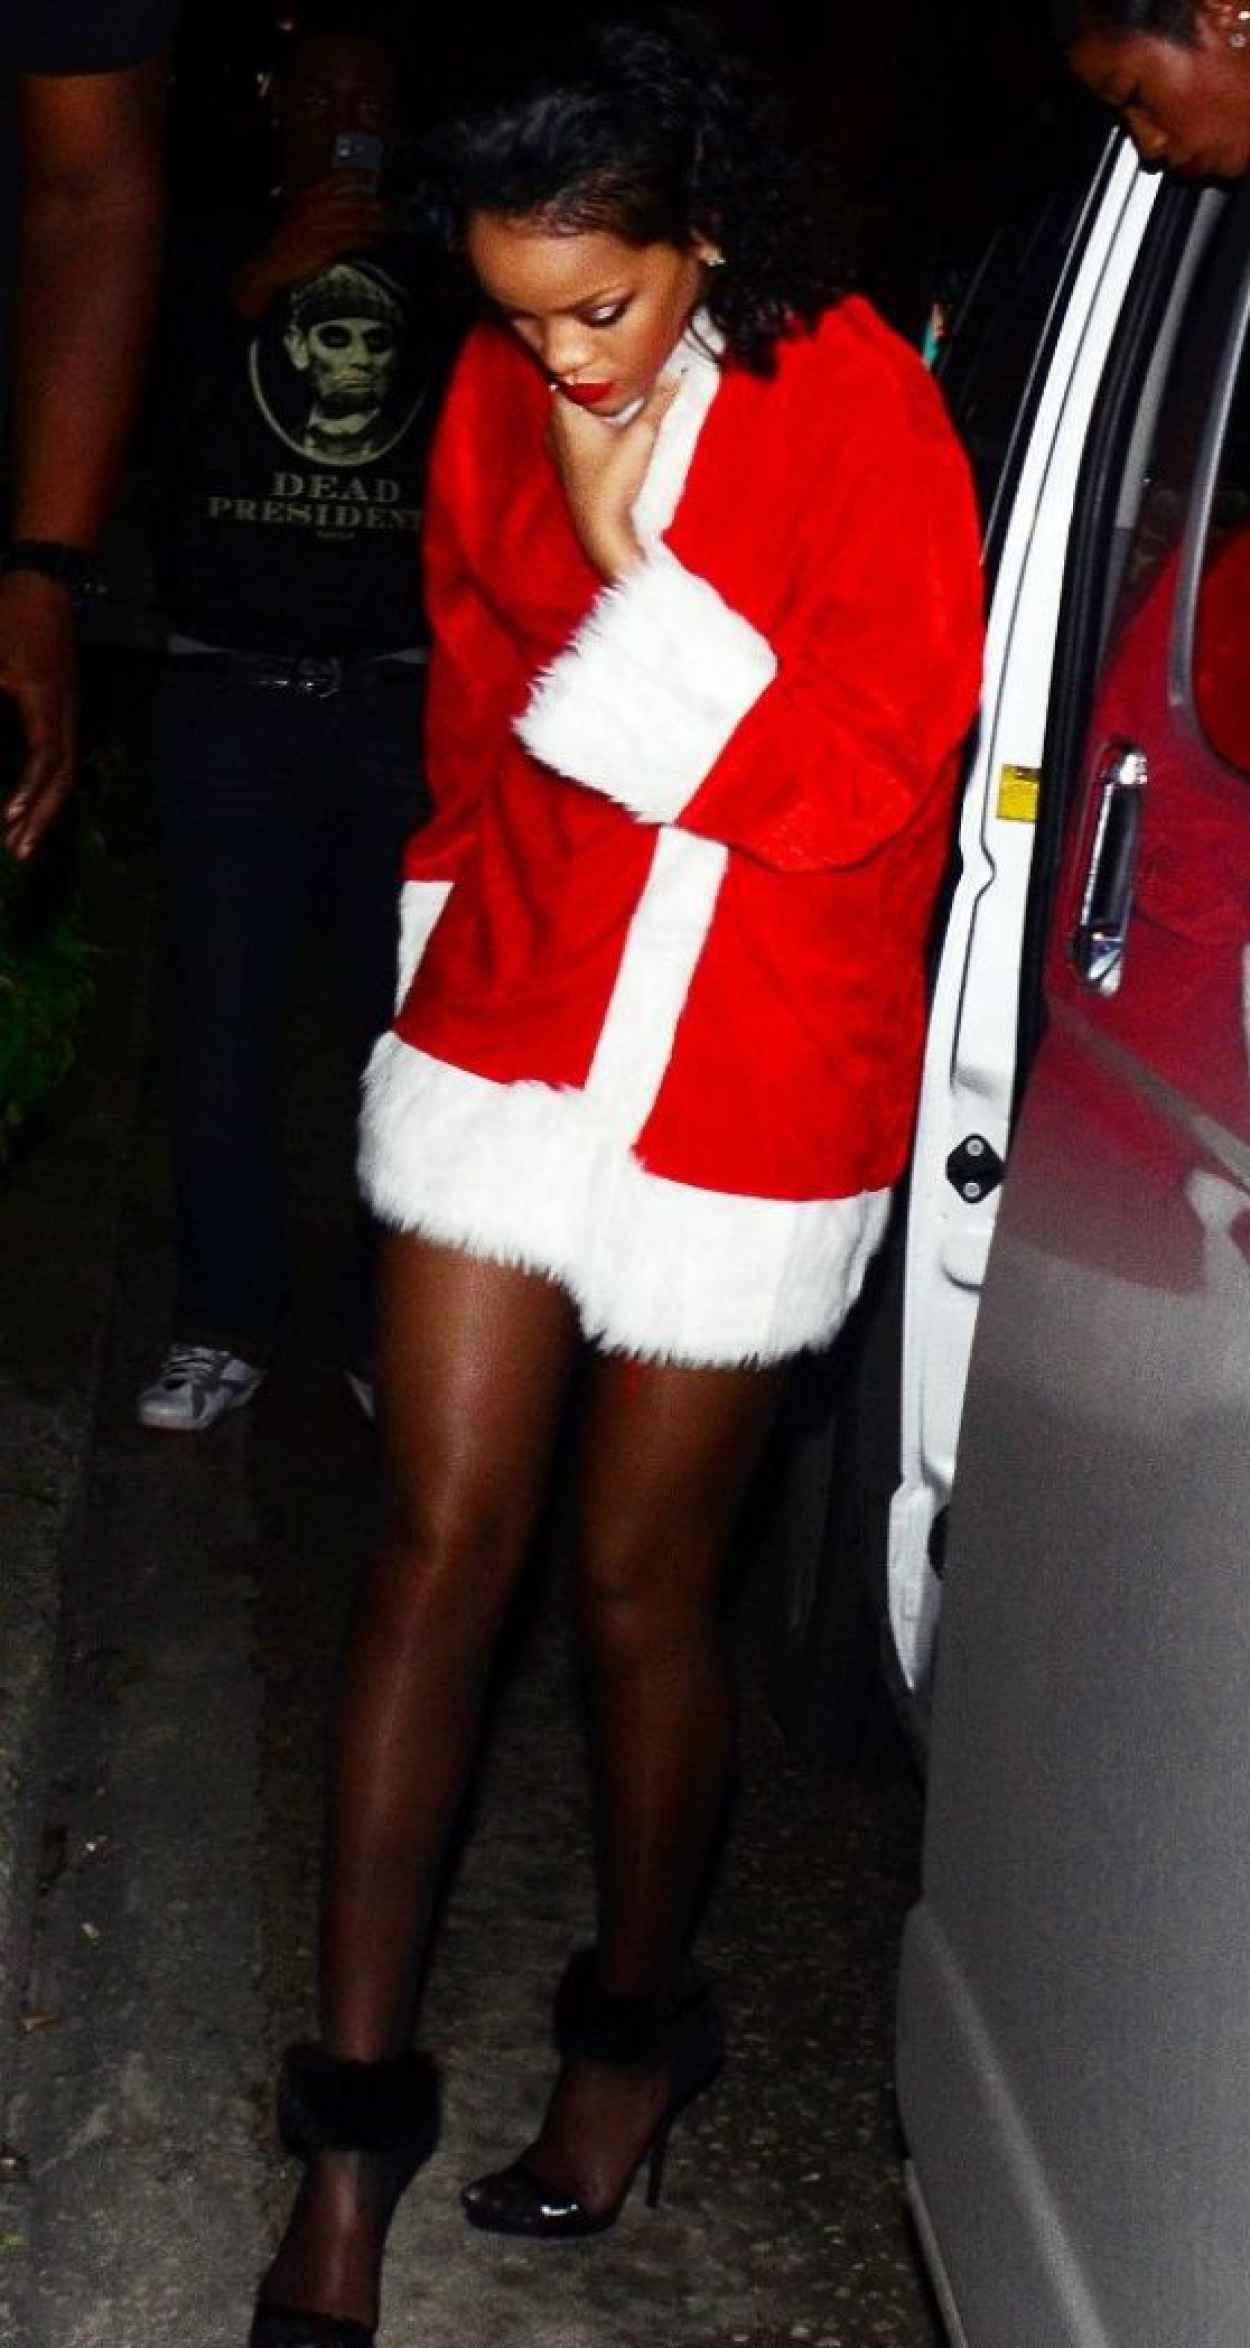 Rihanna - Priva Barbados Lounge and Night Club, Holetown, Barbados - December 2015-2